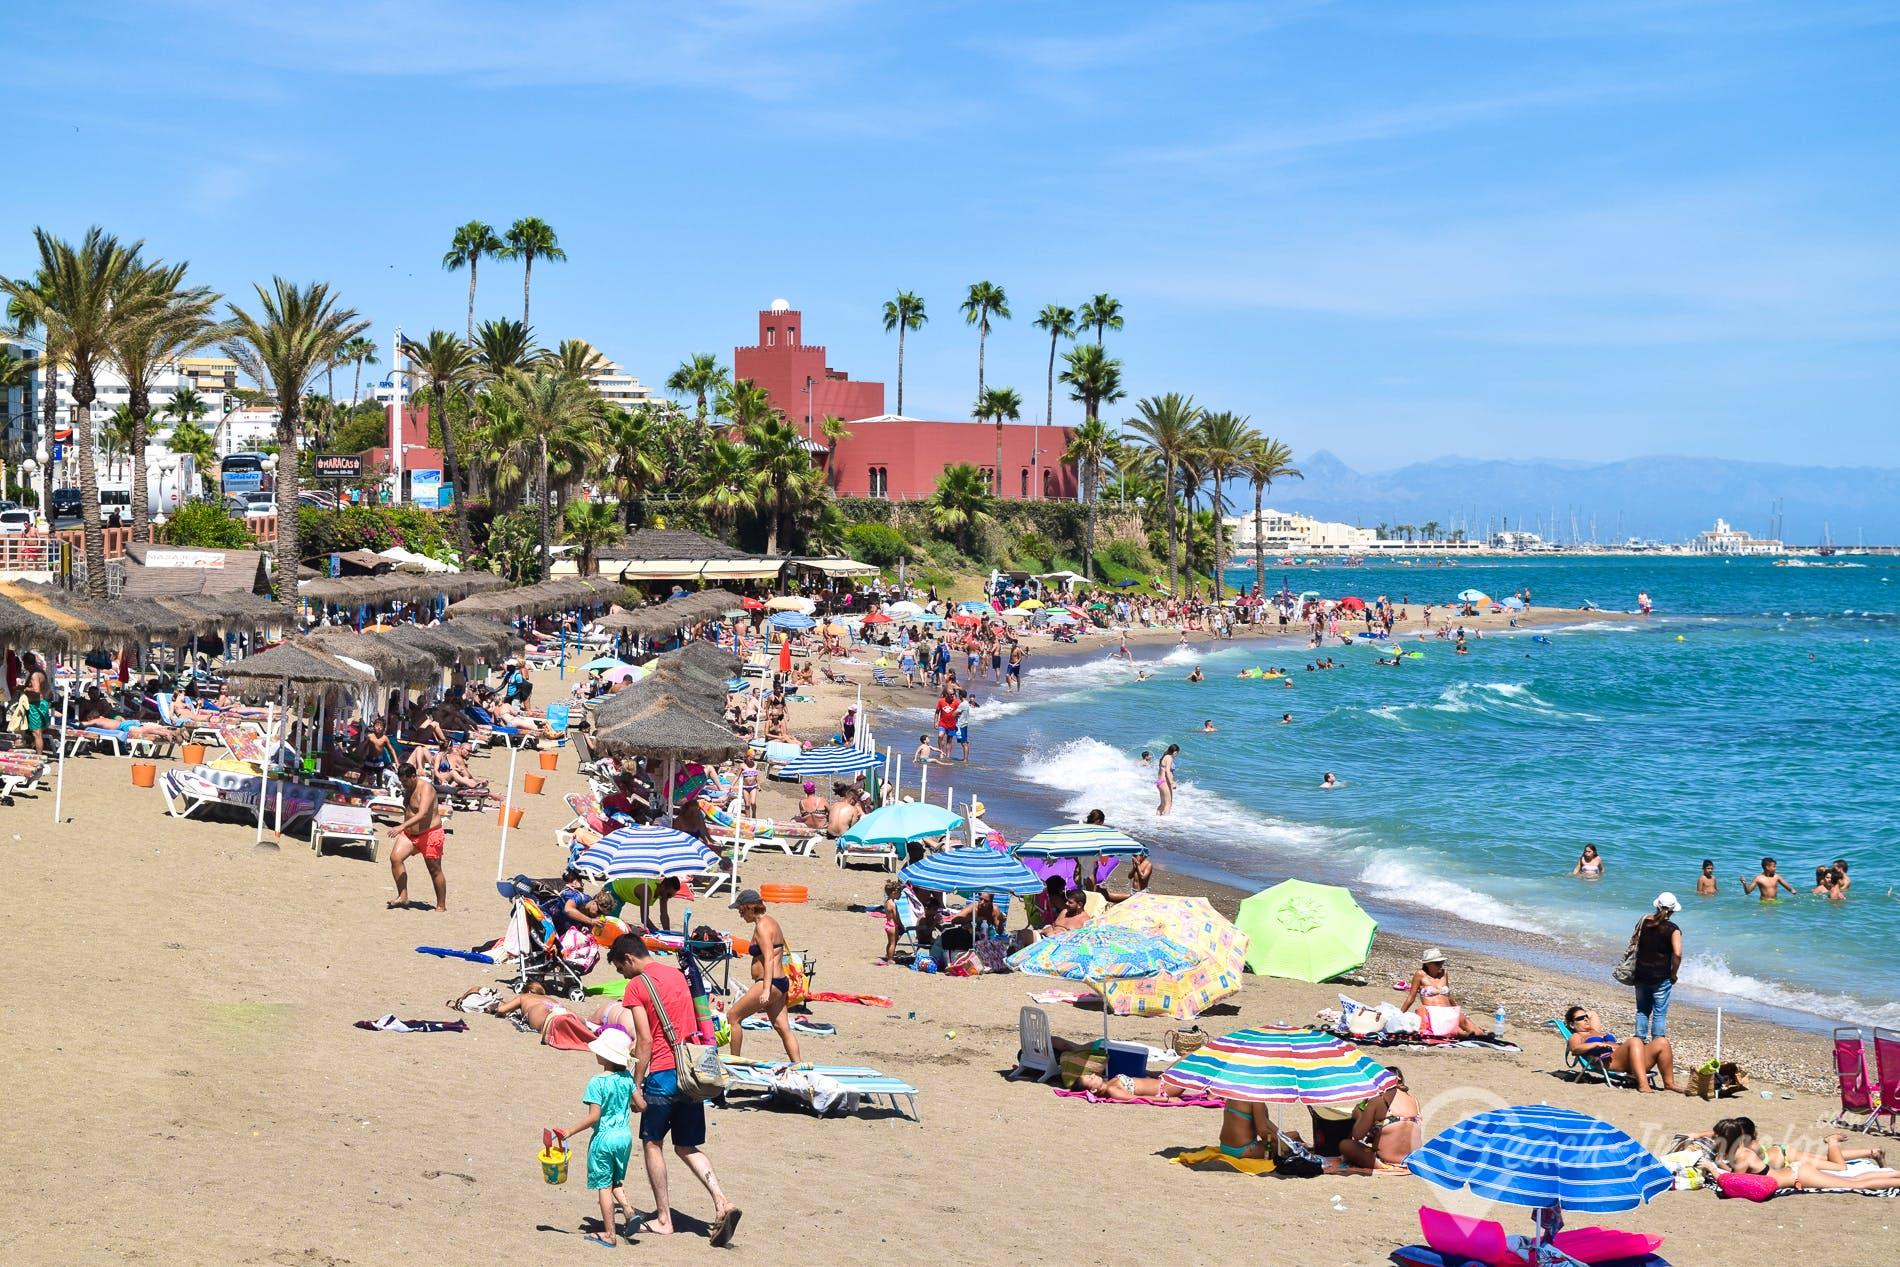 Beach Playa de Santa Ana, Costa del Sol, Spain